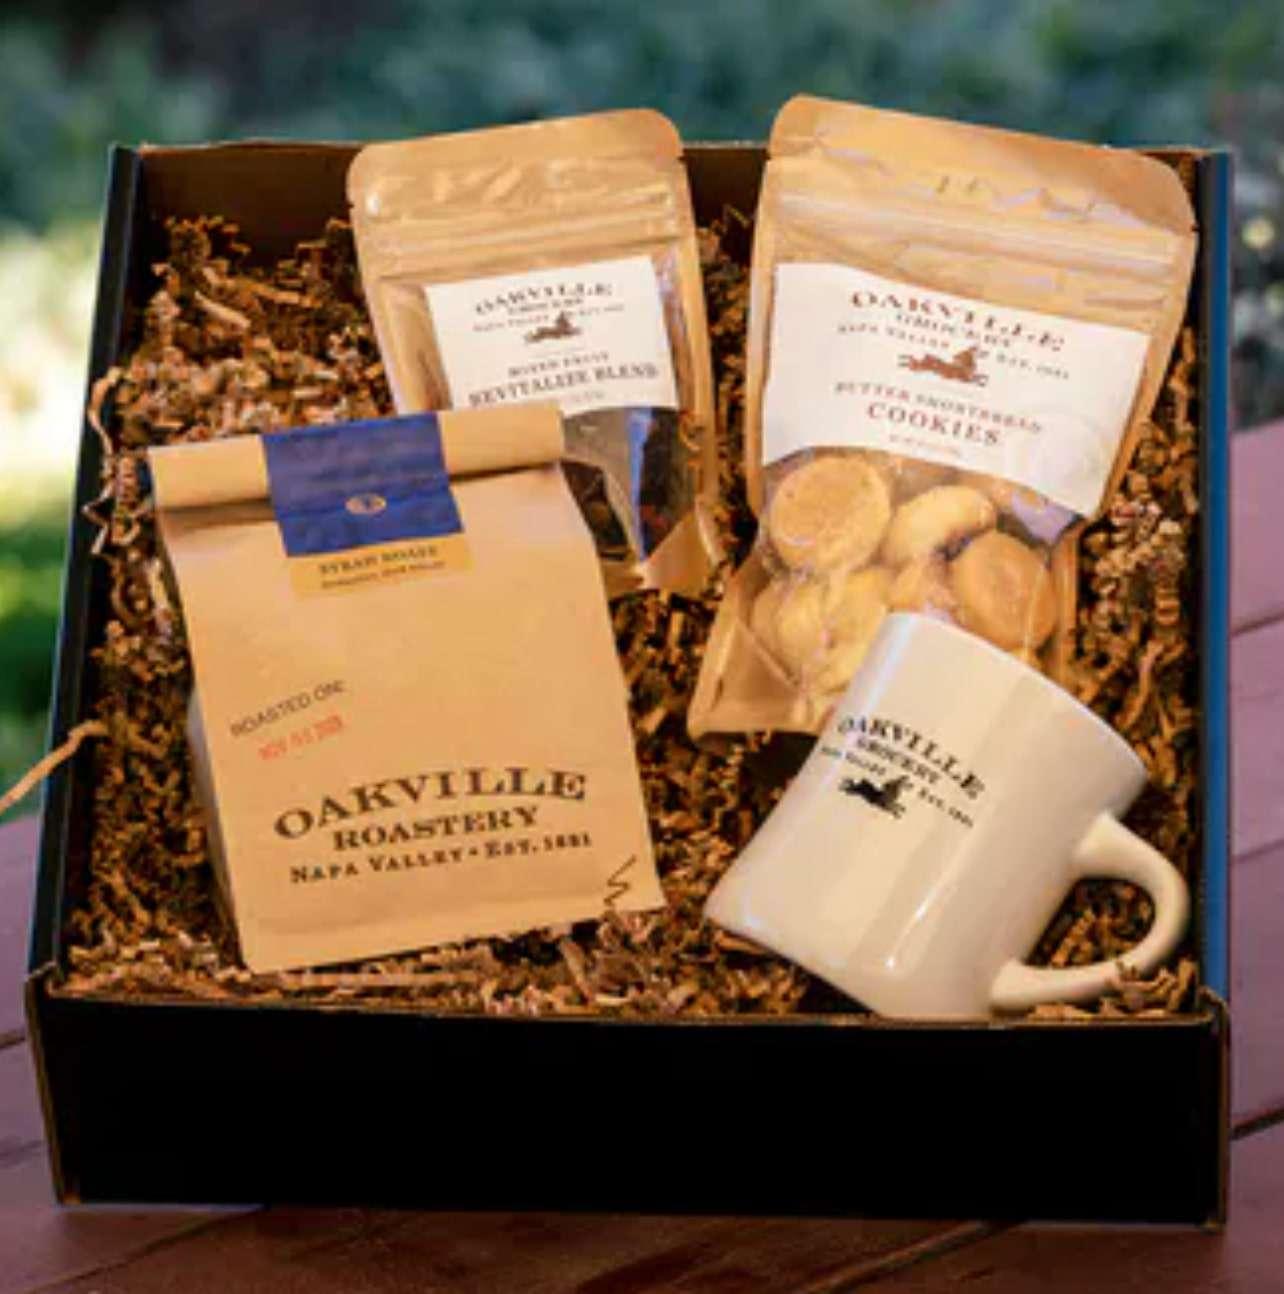 oakville-coffee-on-the-vineyard-set